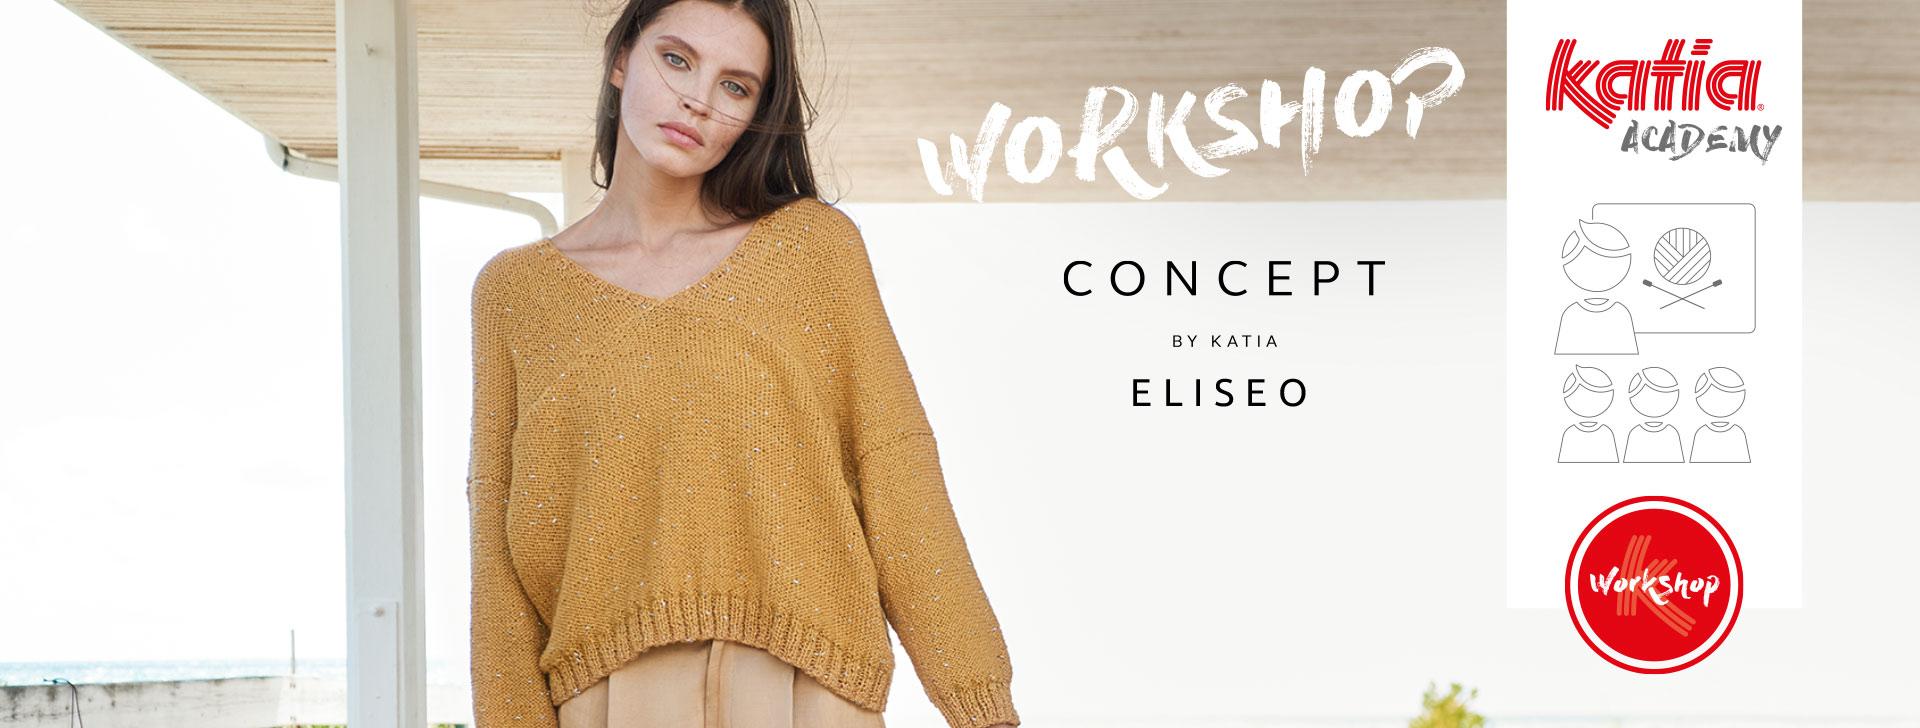 Workshop Short Katia Eliseo Sweater